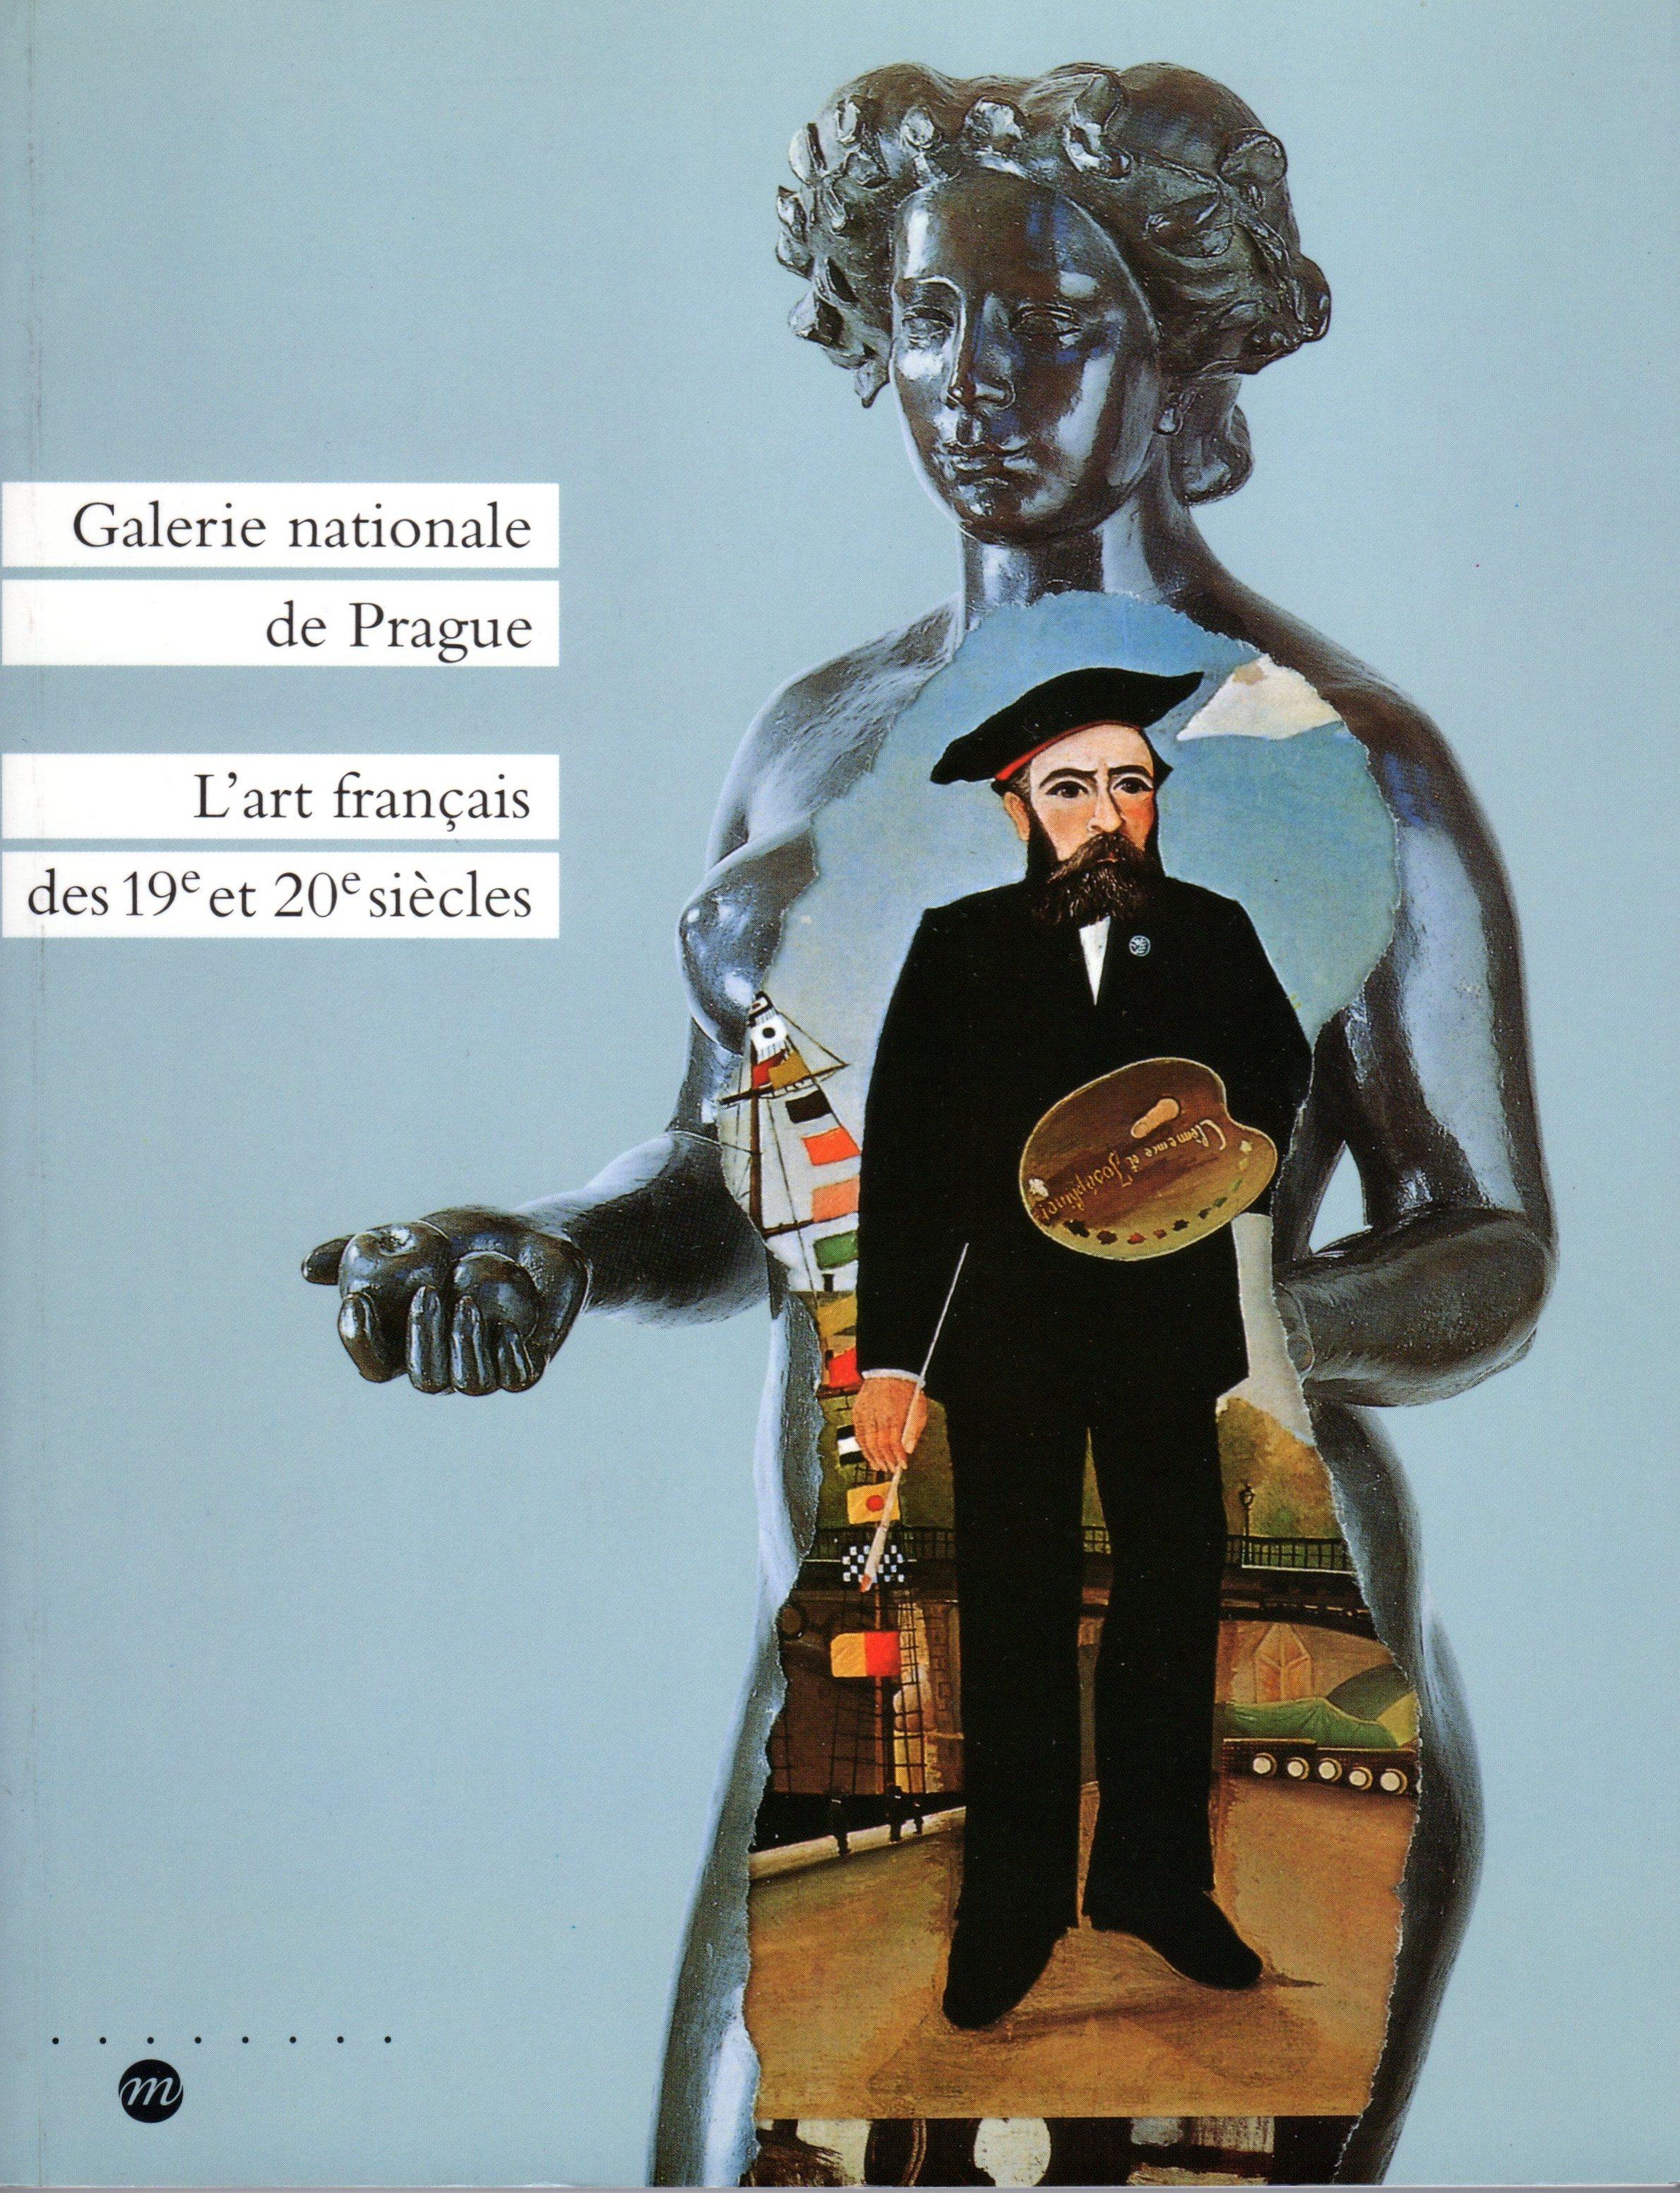 L'art français des 19e et 20e siècles